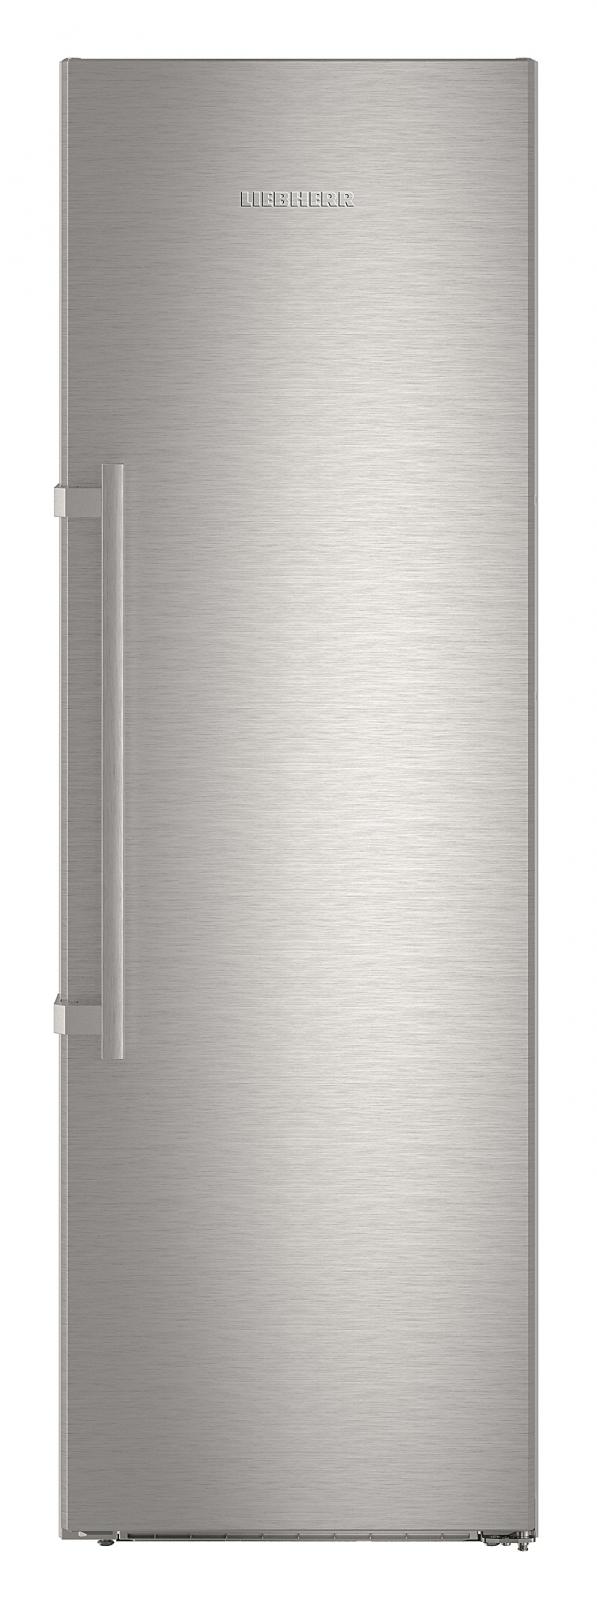 купить Однокамерный холодильник Liebherr KBef 4310 Украина фото 1